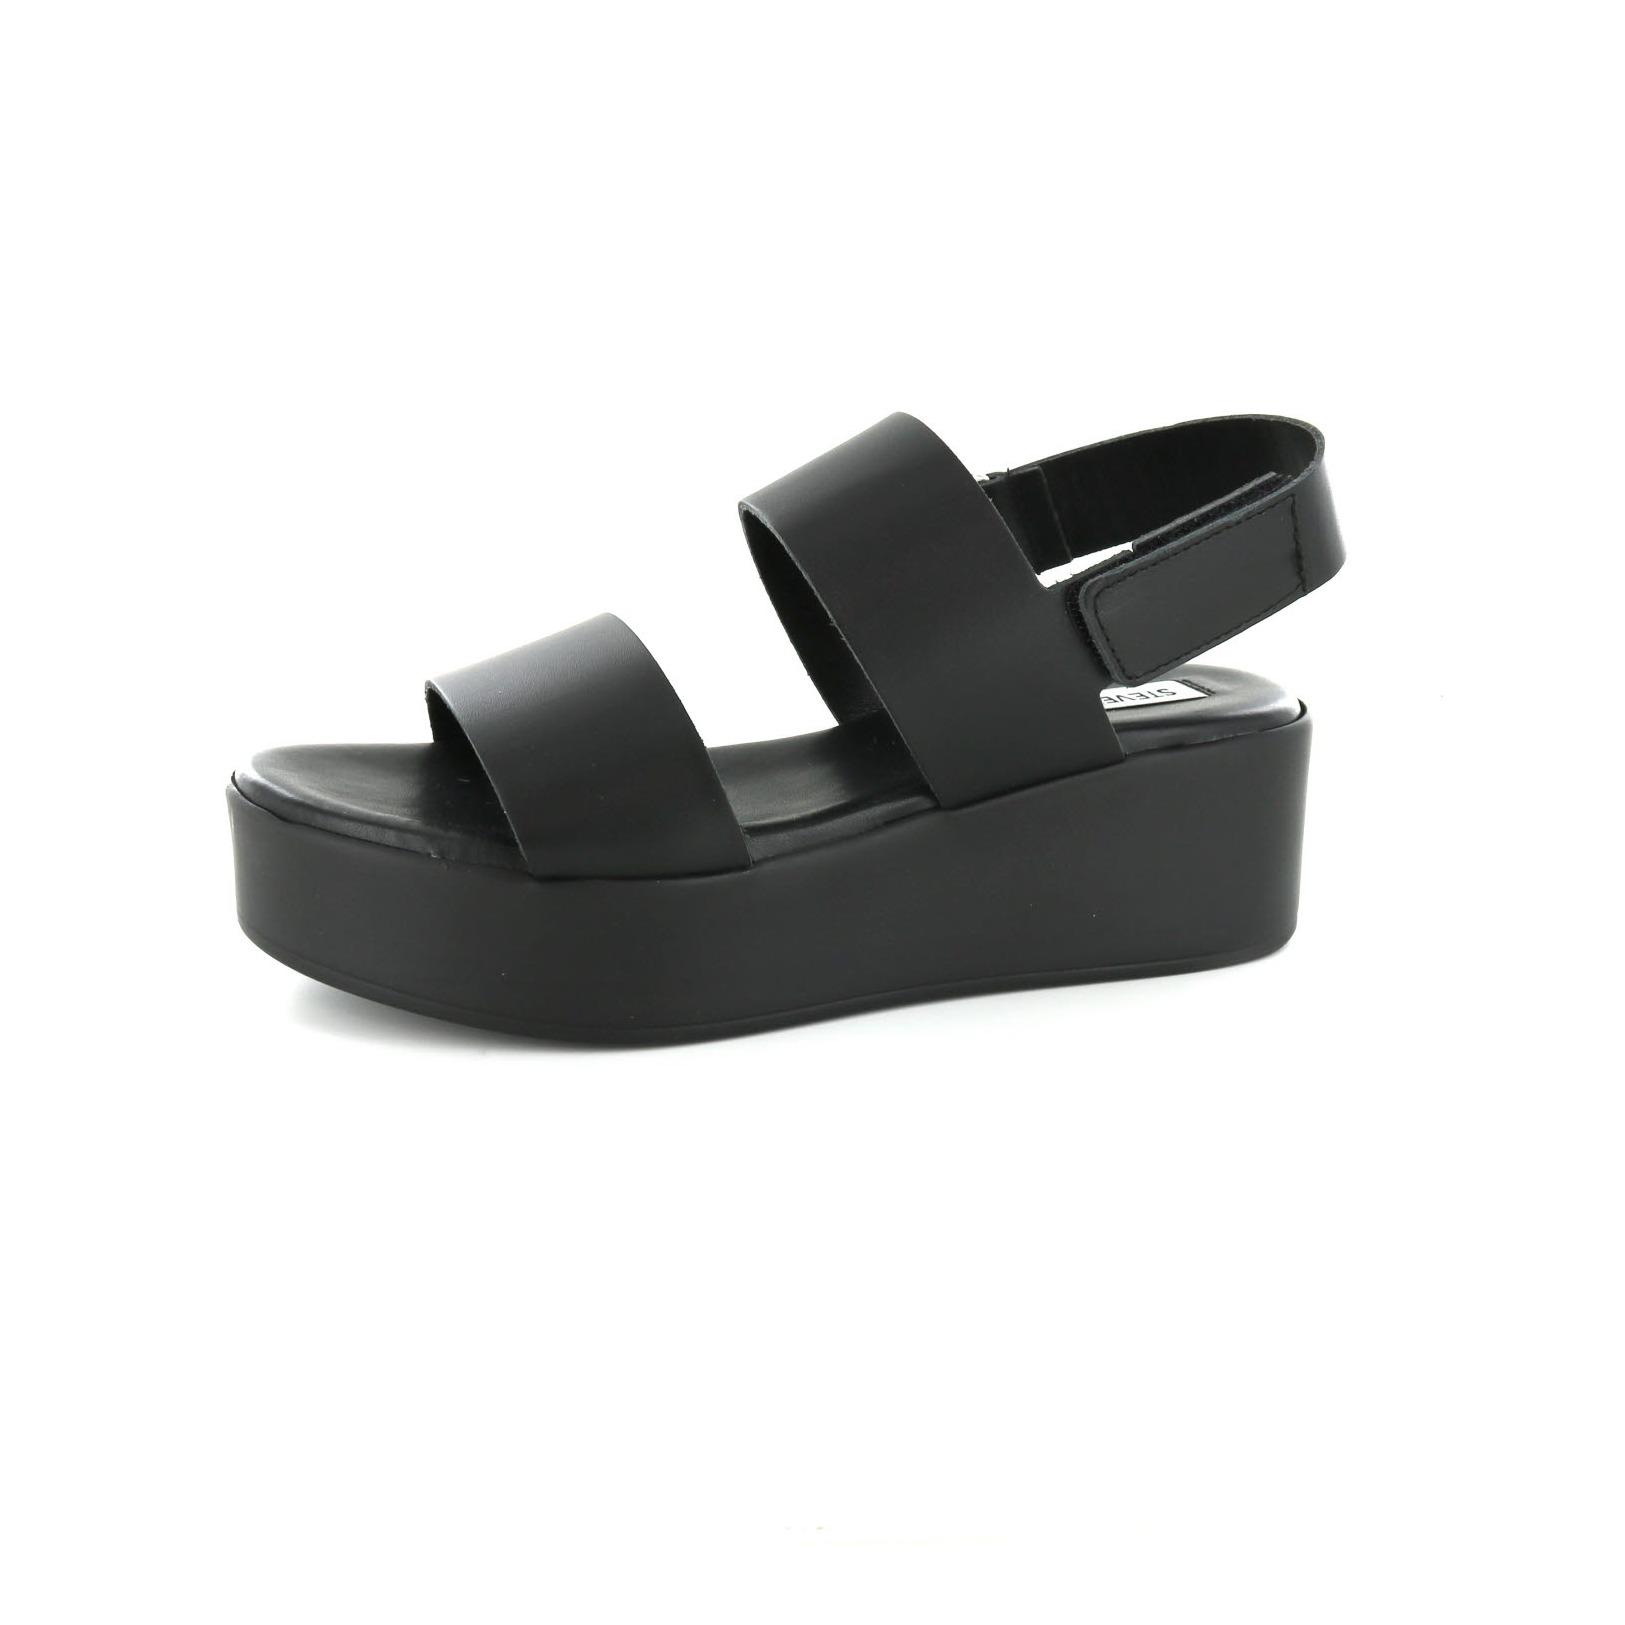 STEVE MADDEN / Sandalen, zwart